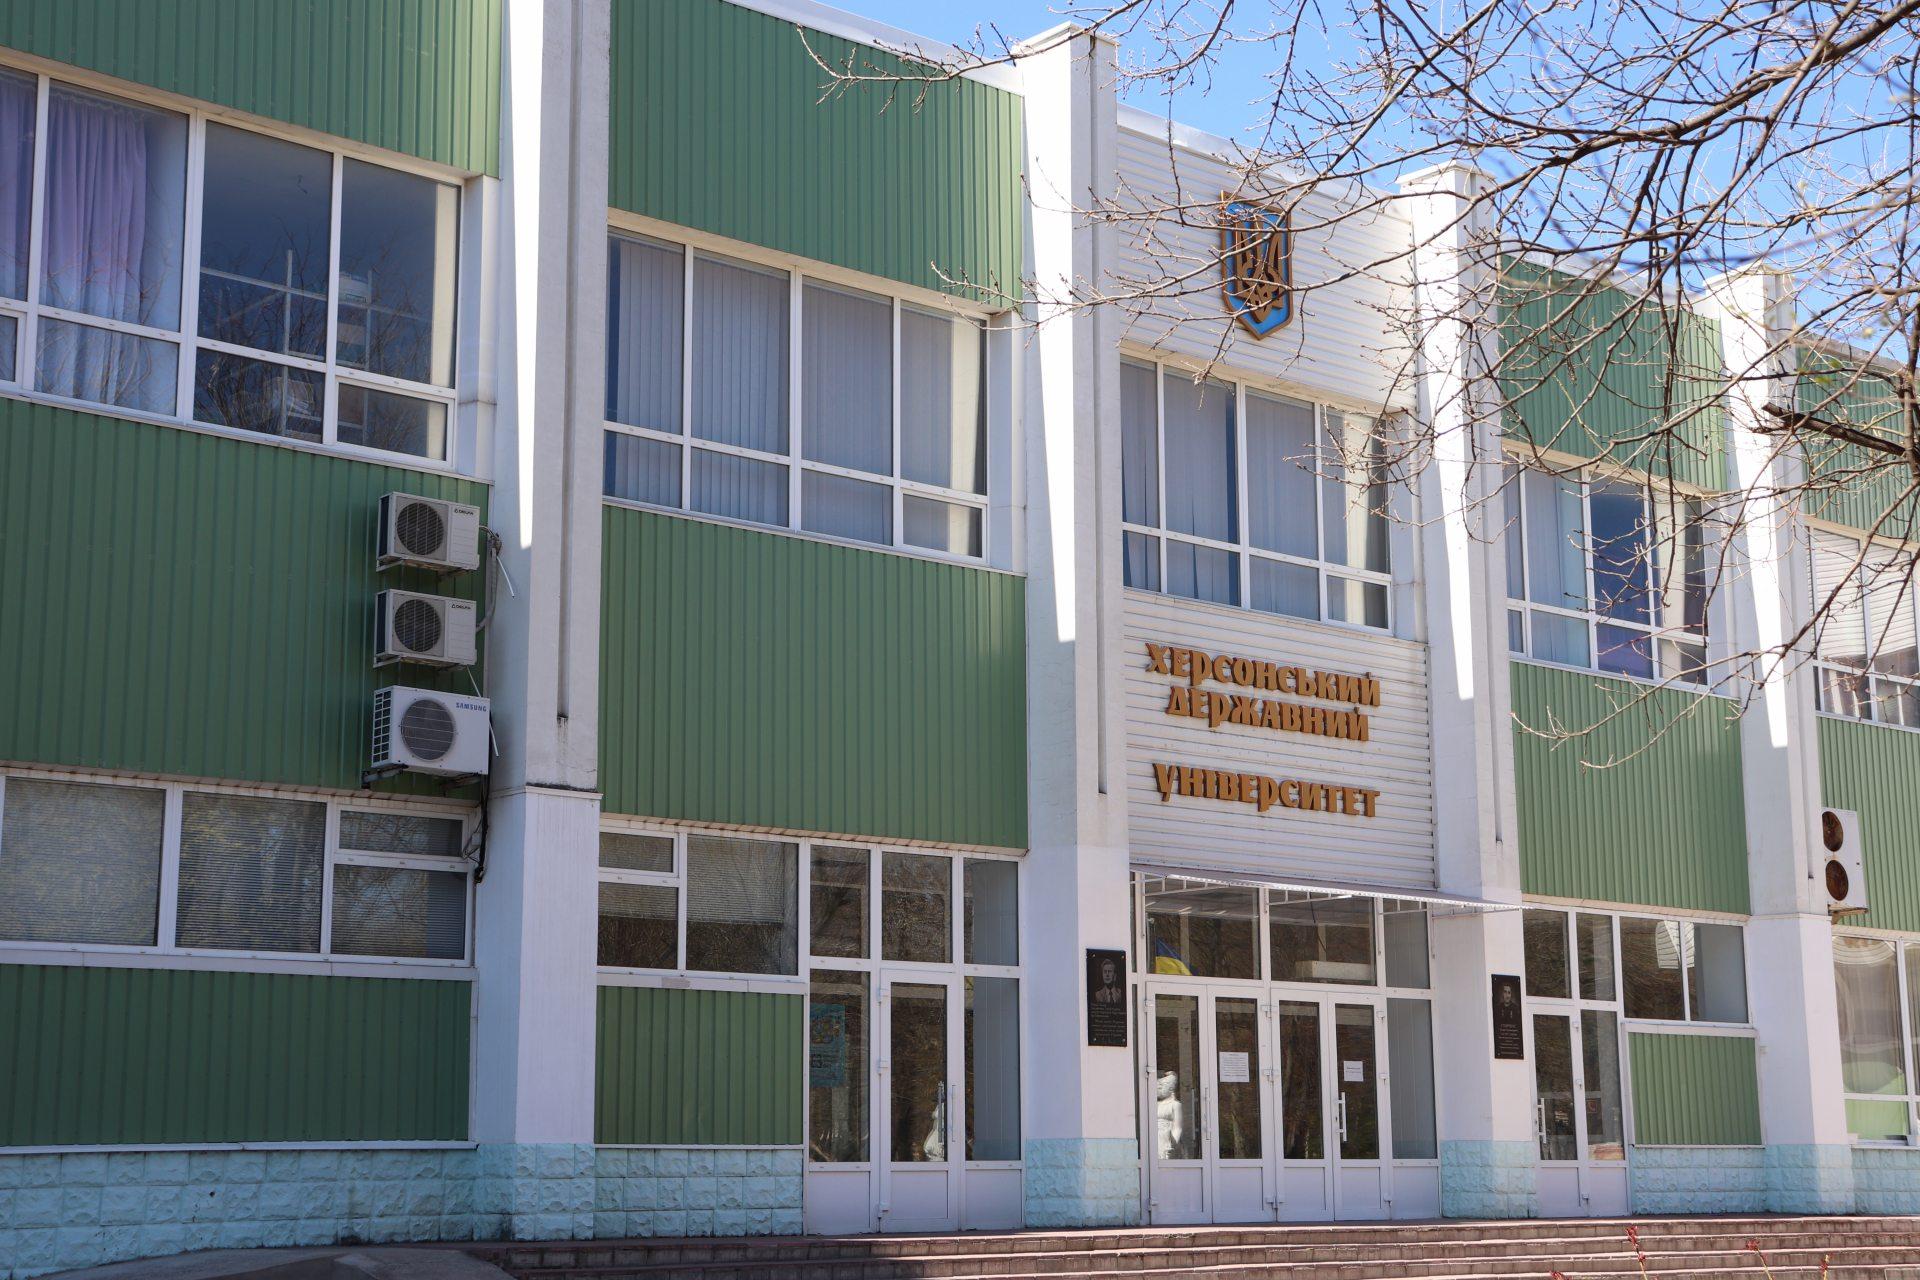 Херсонський держуніверситет виконав державне замовлення